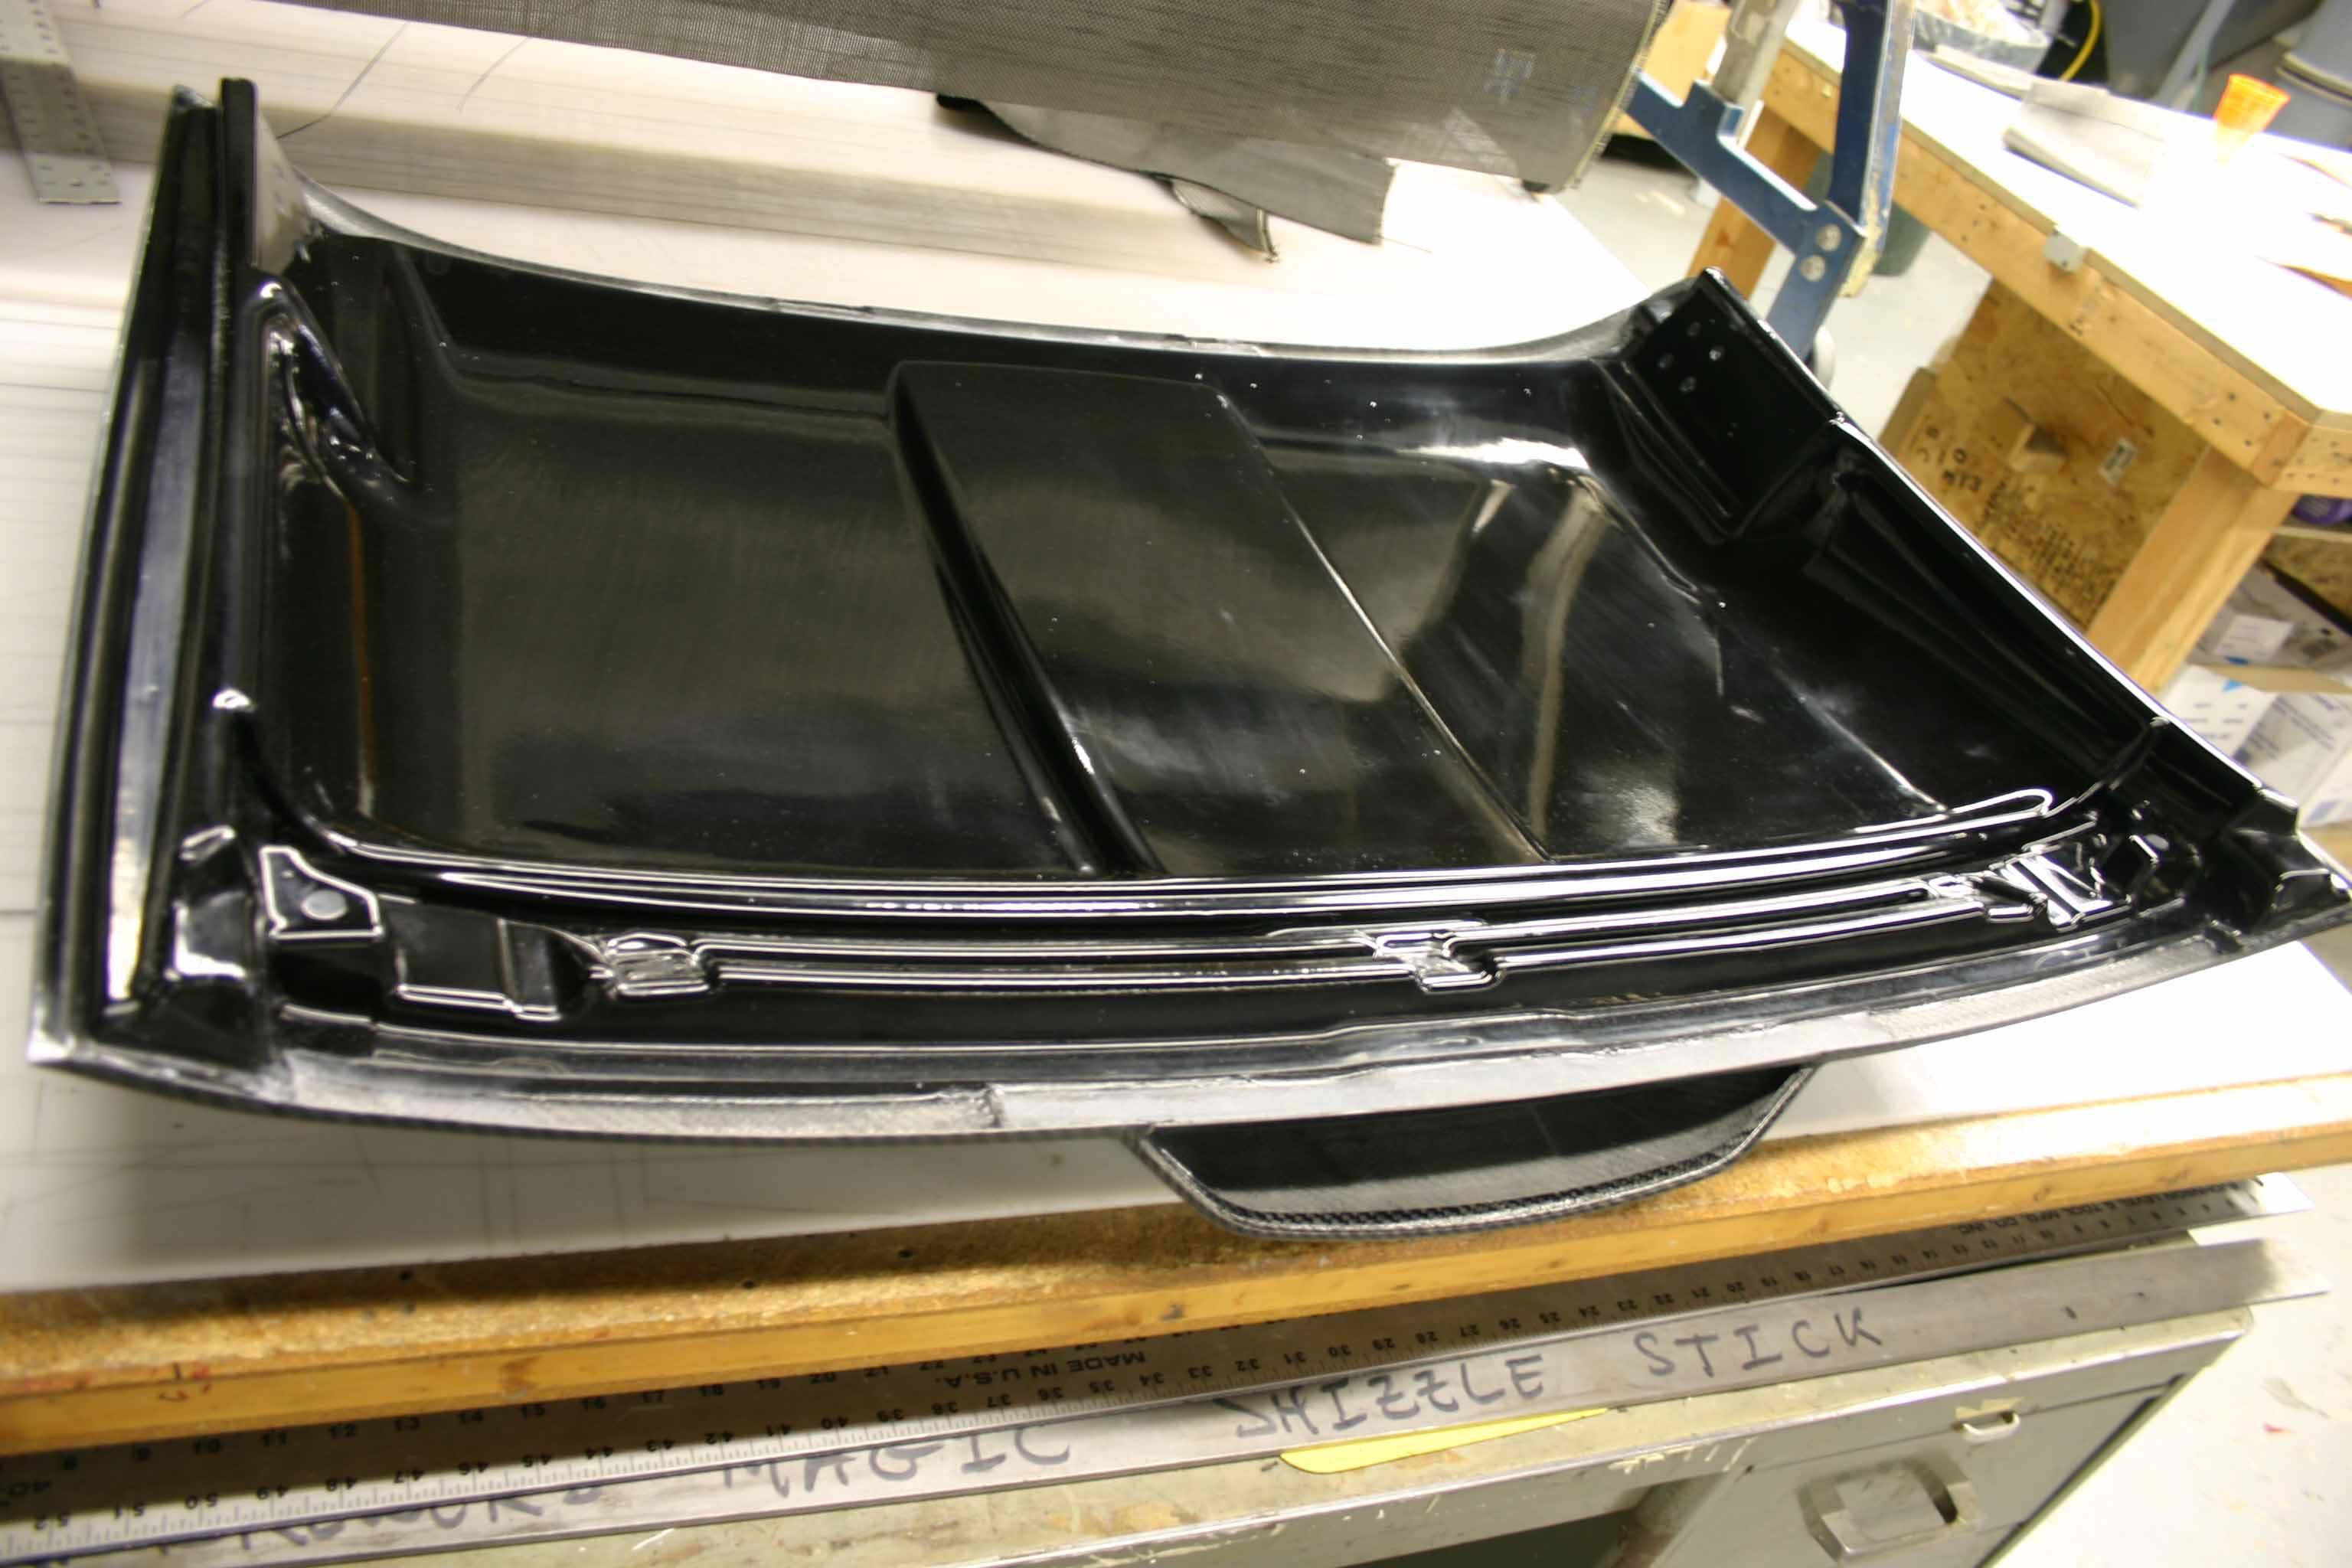 Pareri parti in carbonio... - Pagina 2 56838d1183151395-carbon-fiber-exige-cup-roof-inner